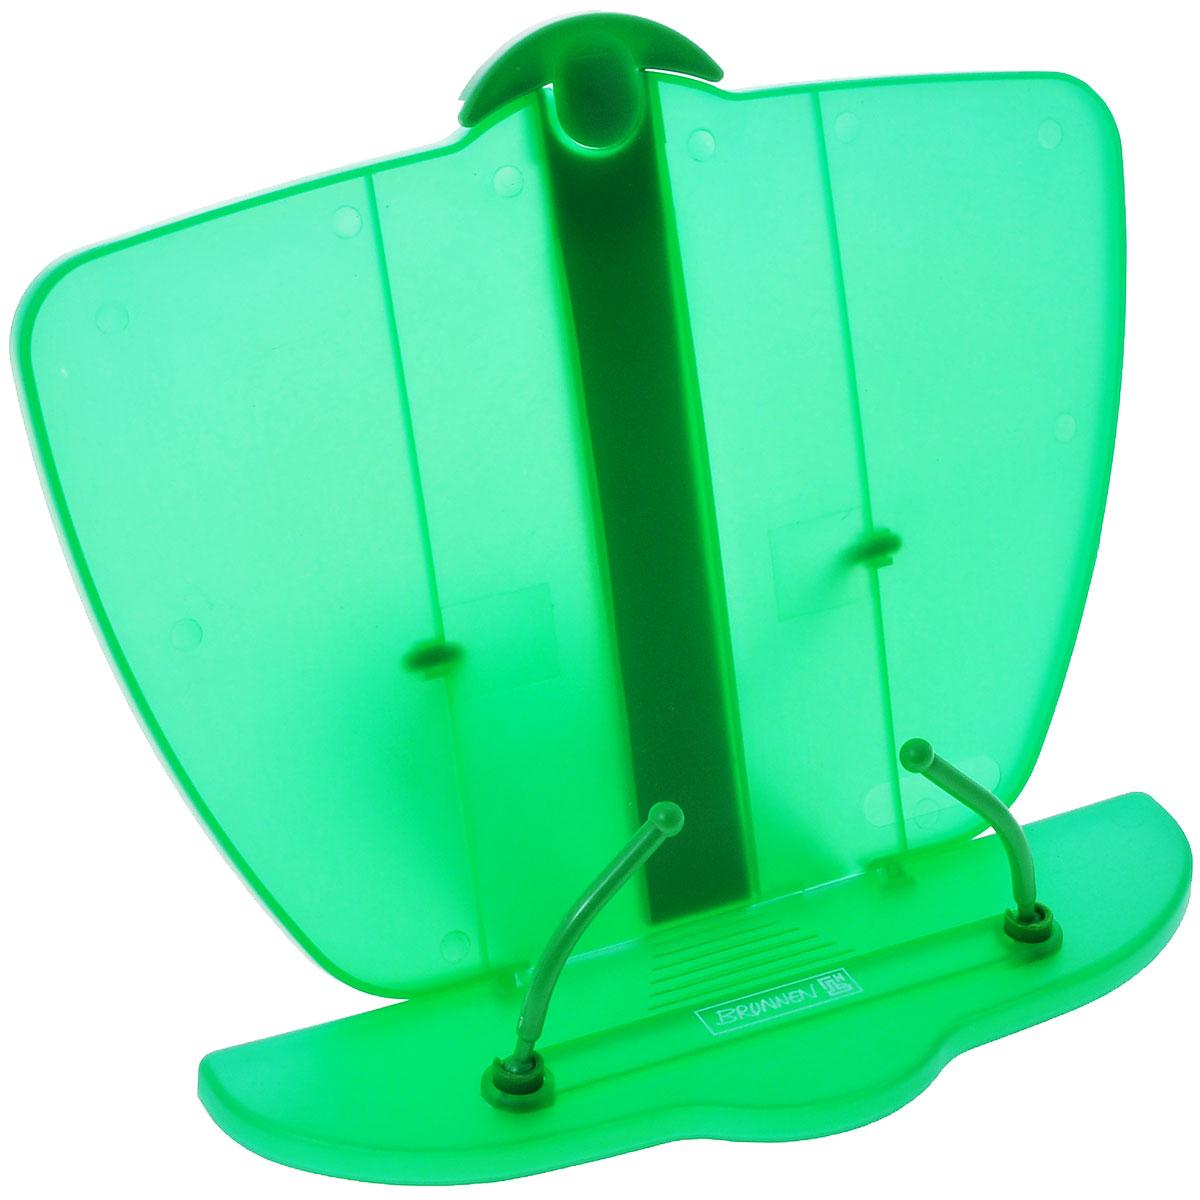 Brunnen Подставка для учебников, цвет: зеленый40402\BCD_зеленыйПодставка для учебников Brunnen, выполненная из полупрозрачного прочного пластика синего цвета. Удобная и устойчивая подставка специально предназначена в помощь в обучении, а несколько ступенейкреплений сделает удобным наклон в соответствии со всеми индивидуальными предпочтениями и привычкамишкольника. Она обязательно понравится первоклашке и станет отличным помощником в обучающем процессе, атакже простимулирует его интерес к учебе.